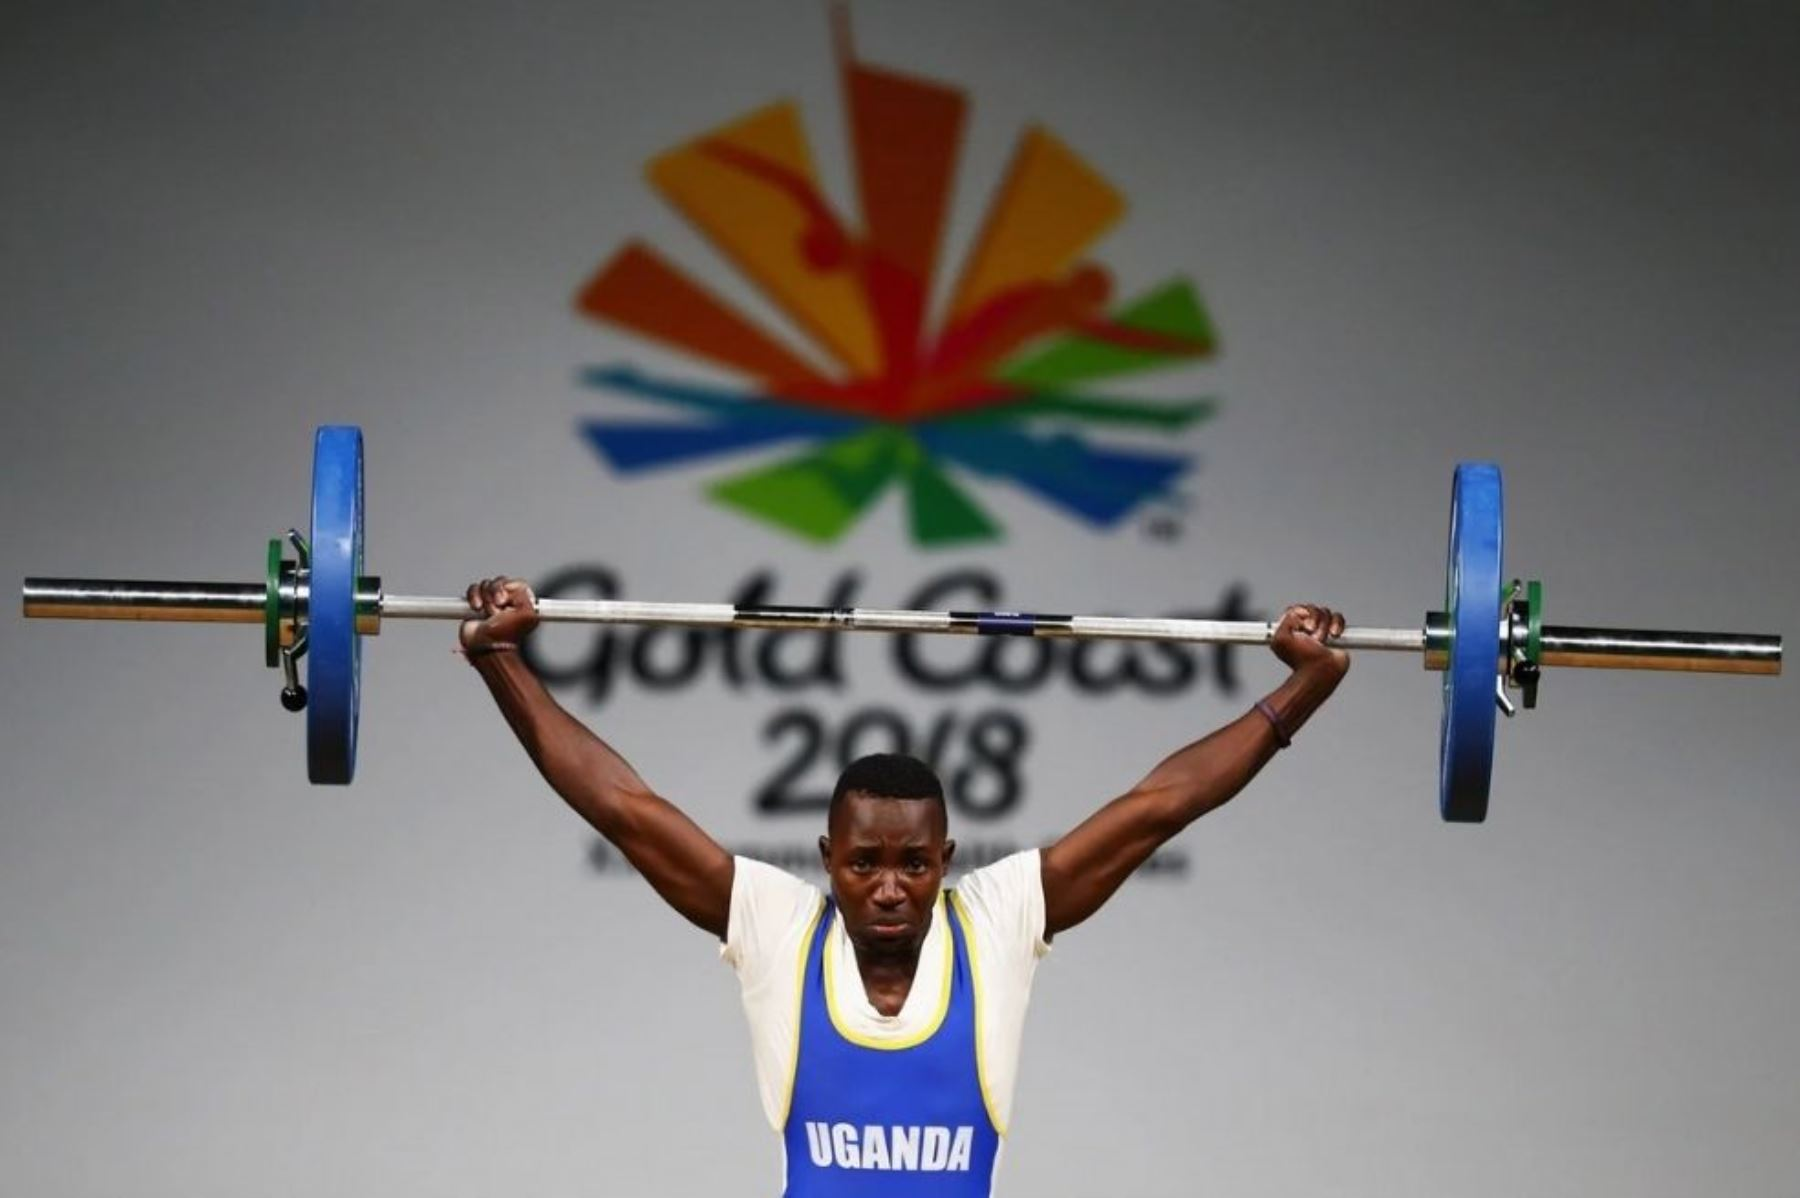 Juegos de Tokio: Hallan al deportista de Uganda que escapó de la burbuja de los JJOO